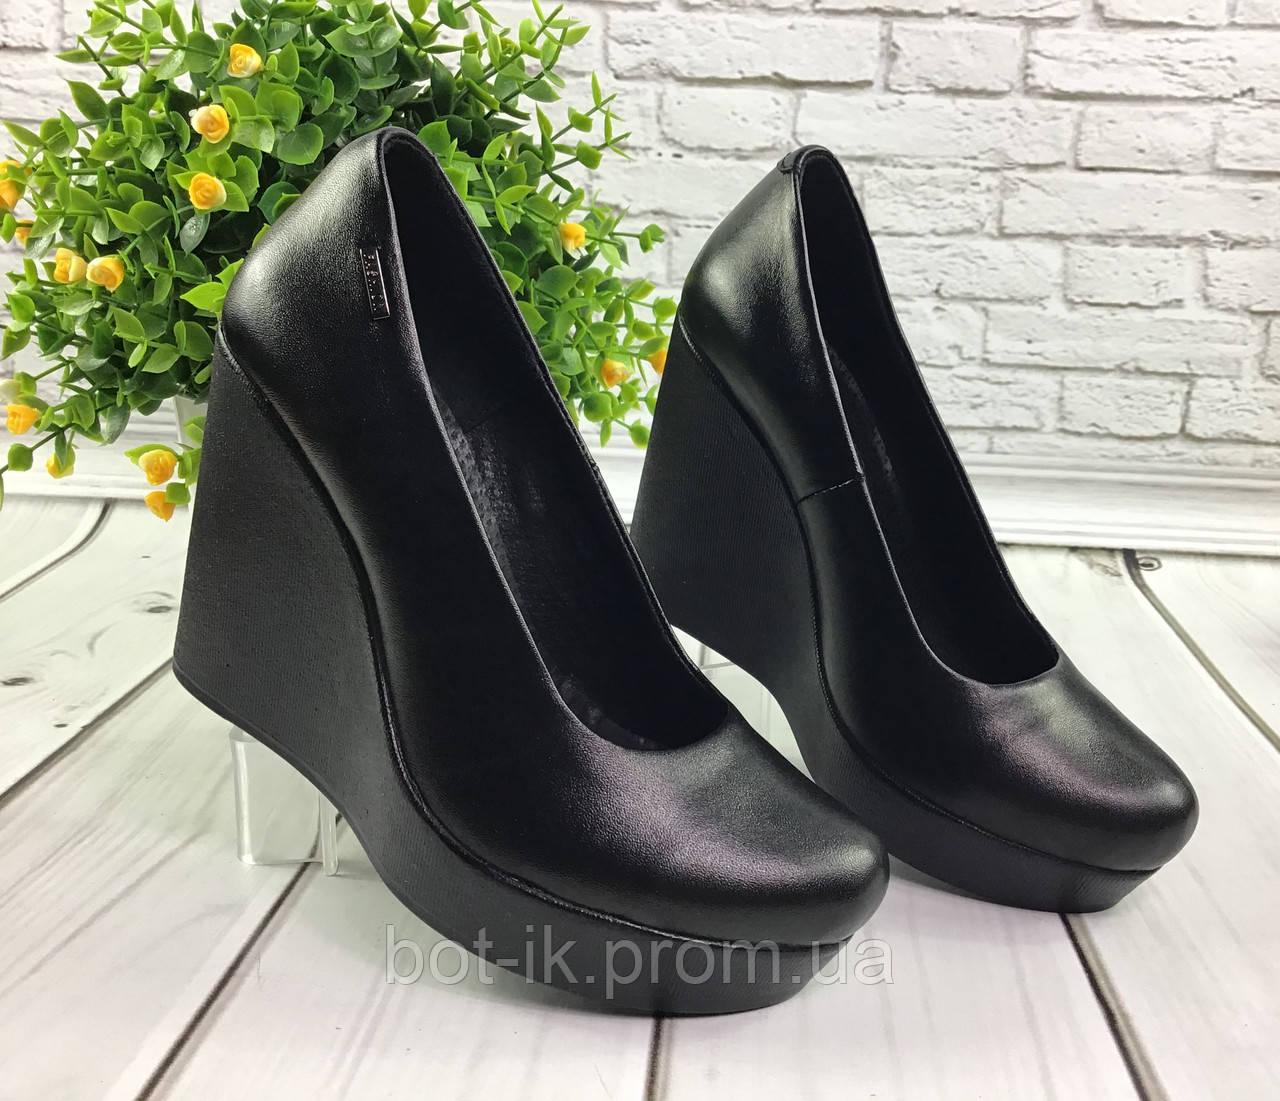 2ab155cdc Классические женские туфли на средней платформе танкетке из натуральной кожи  или замша черного цвета. -